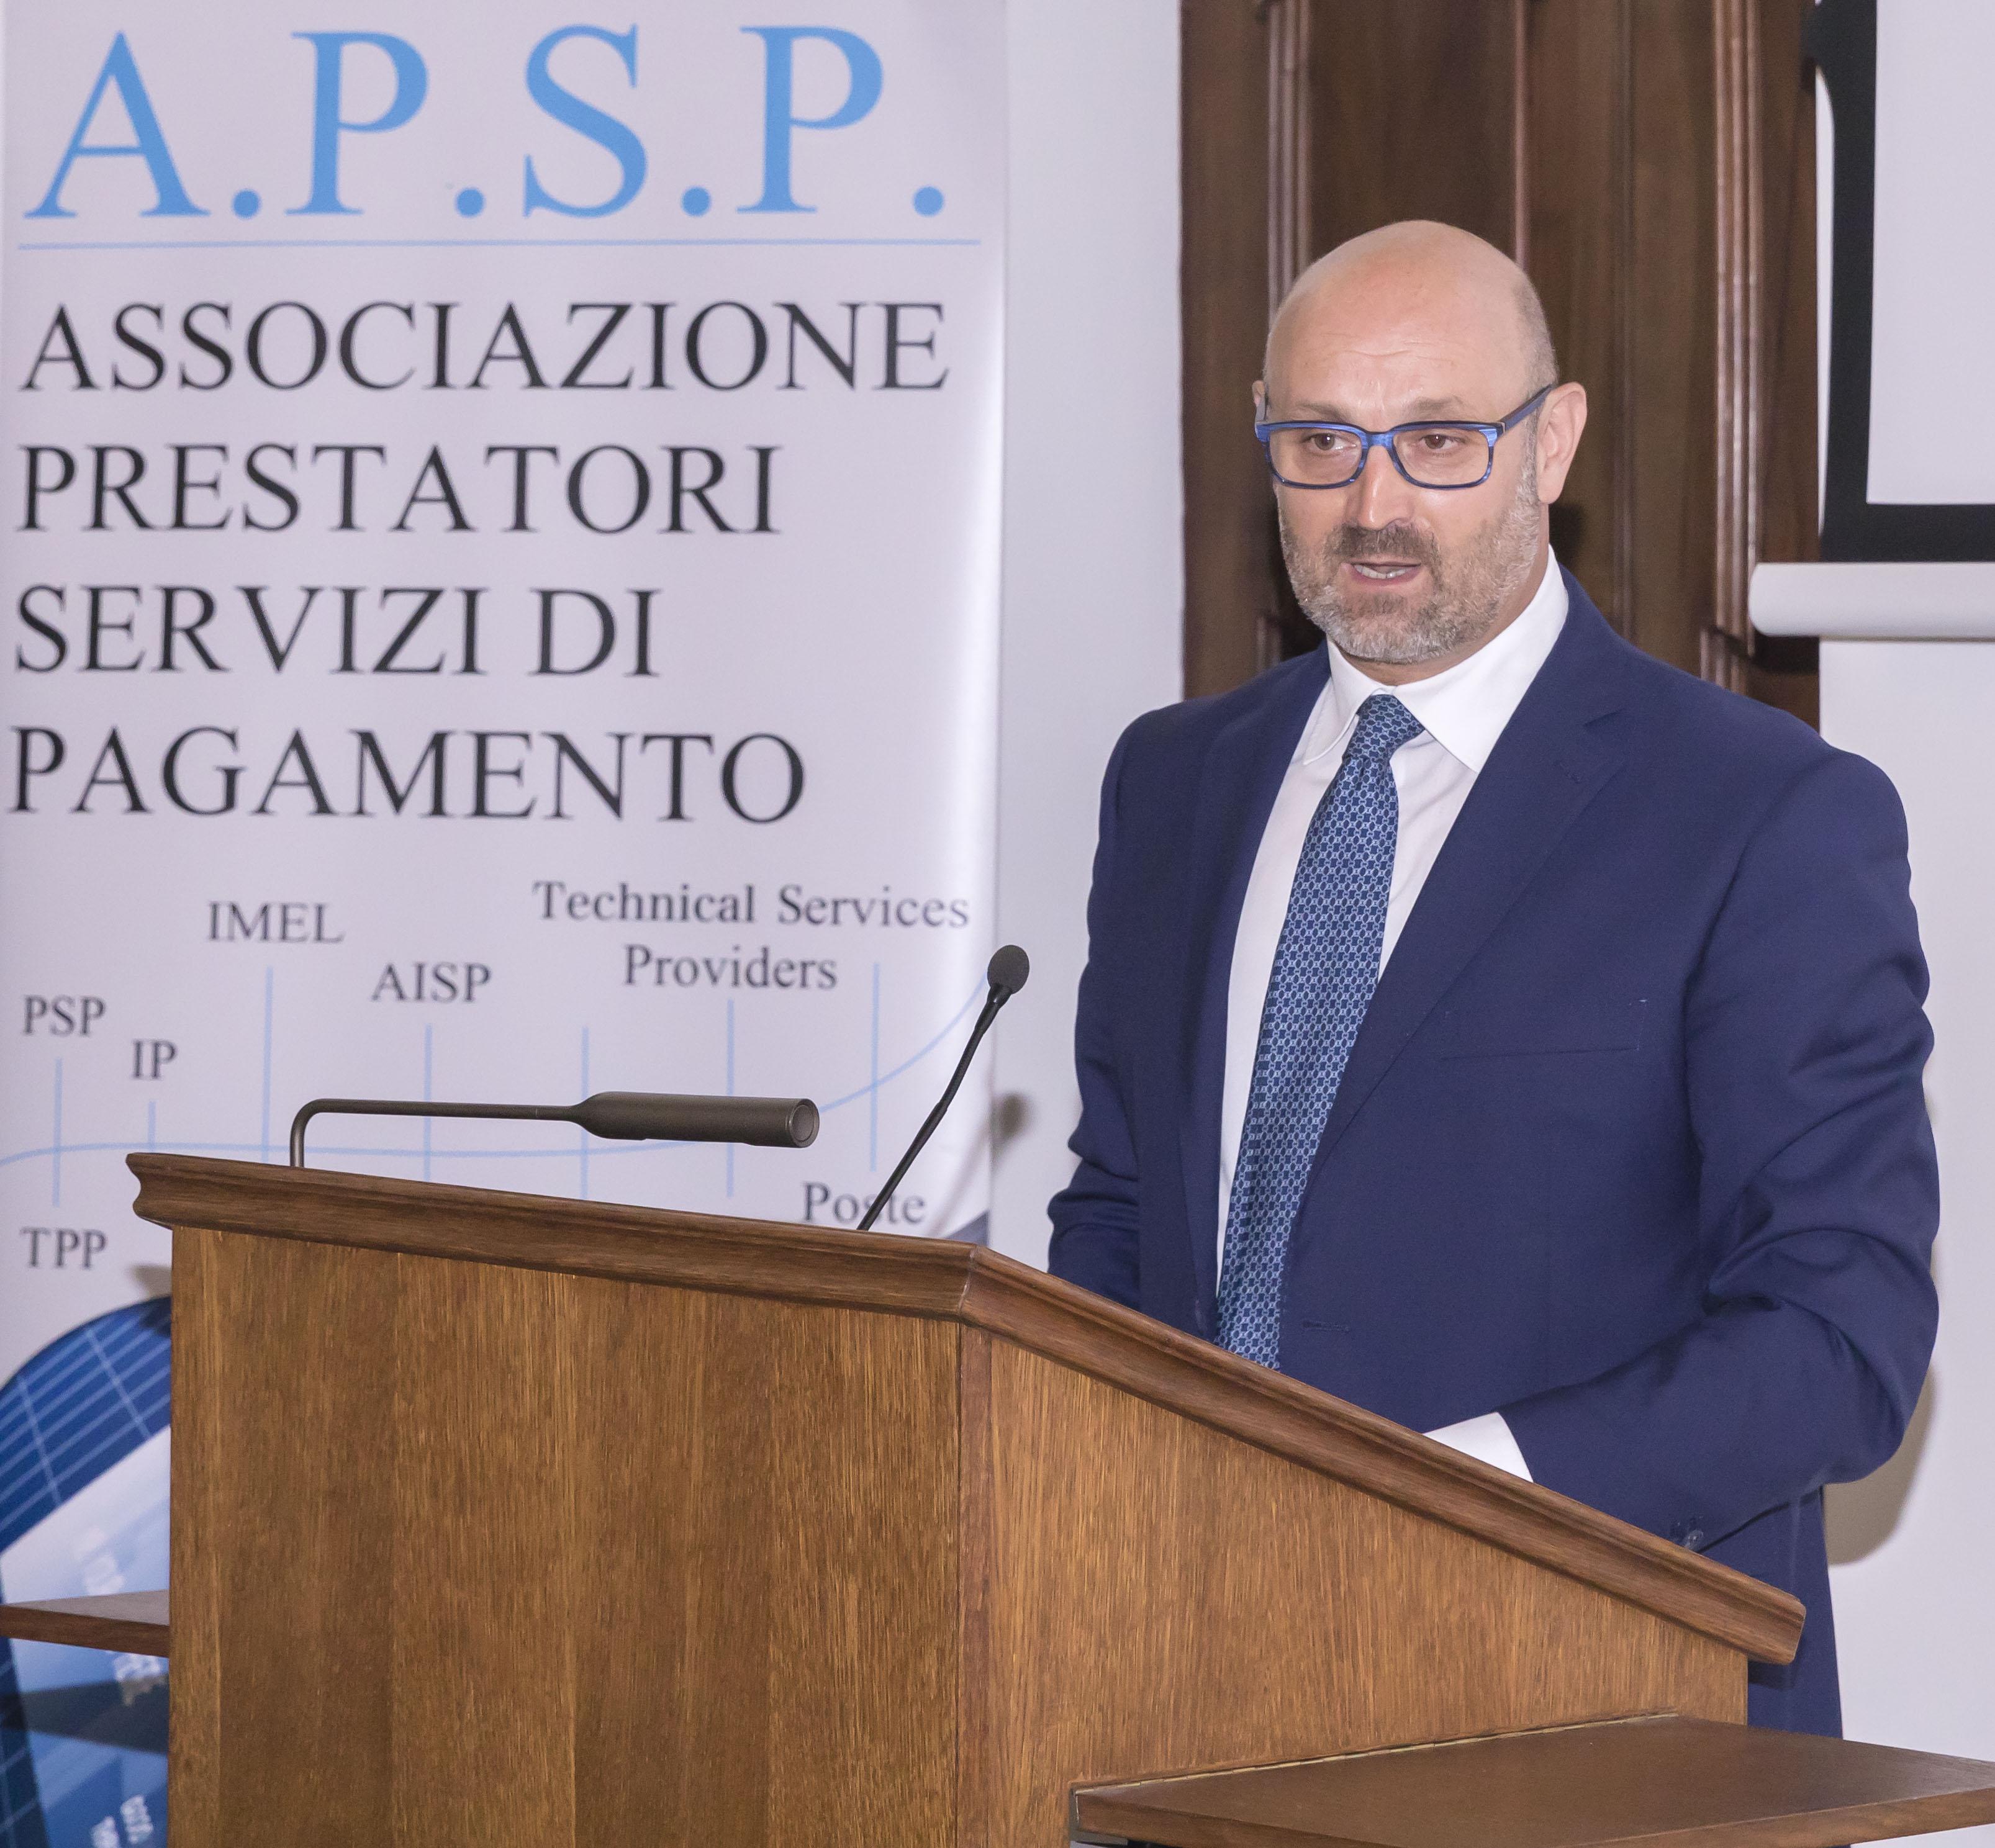 MAURIZIO PIMPINELLA - Il Salone dei Pagamenti